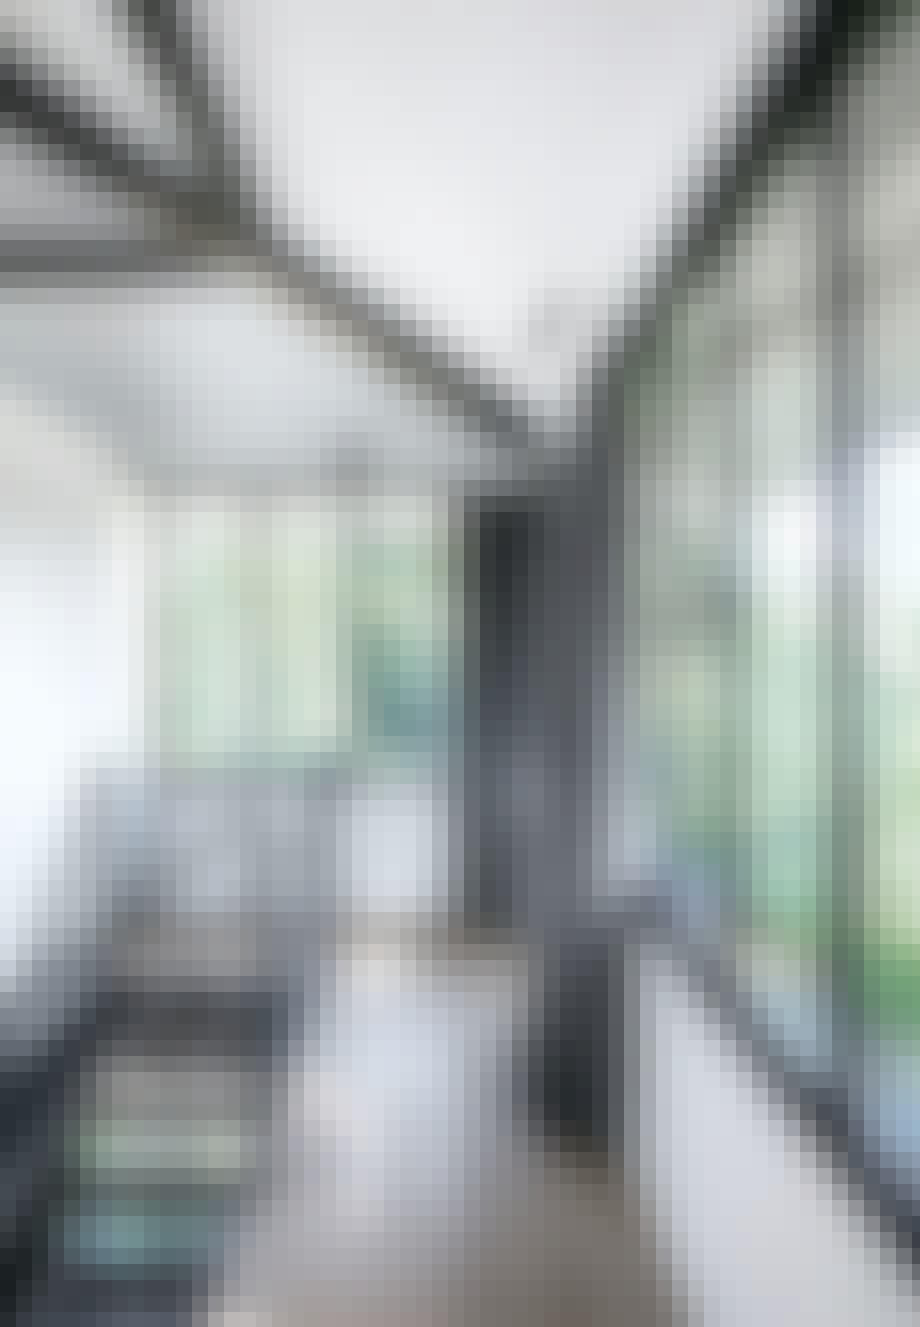 Væggene på 2. sal består næsten kun af vinduer med tykke koksgrå gardiner ved